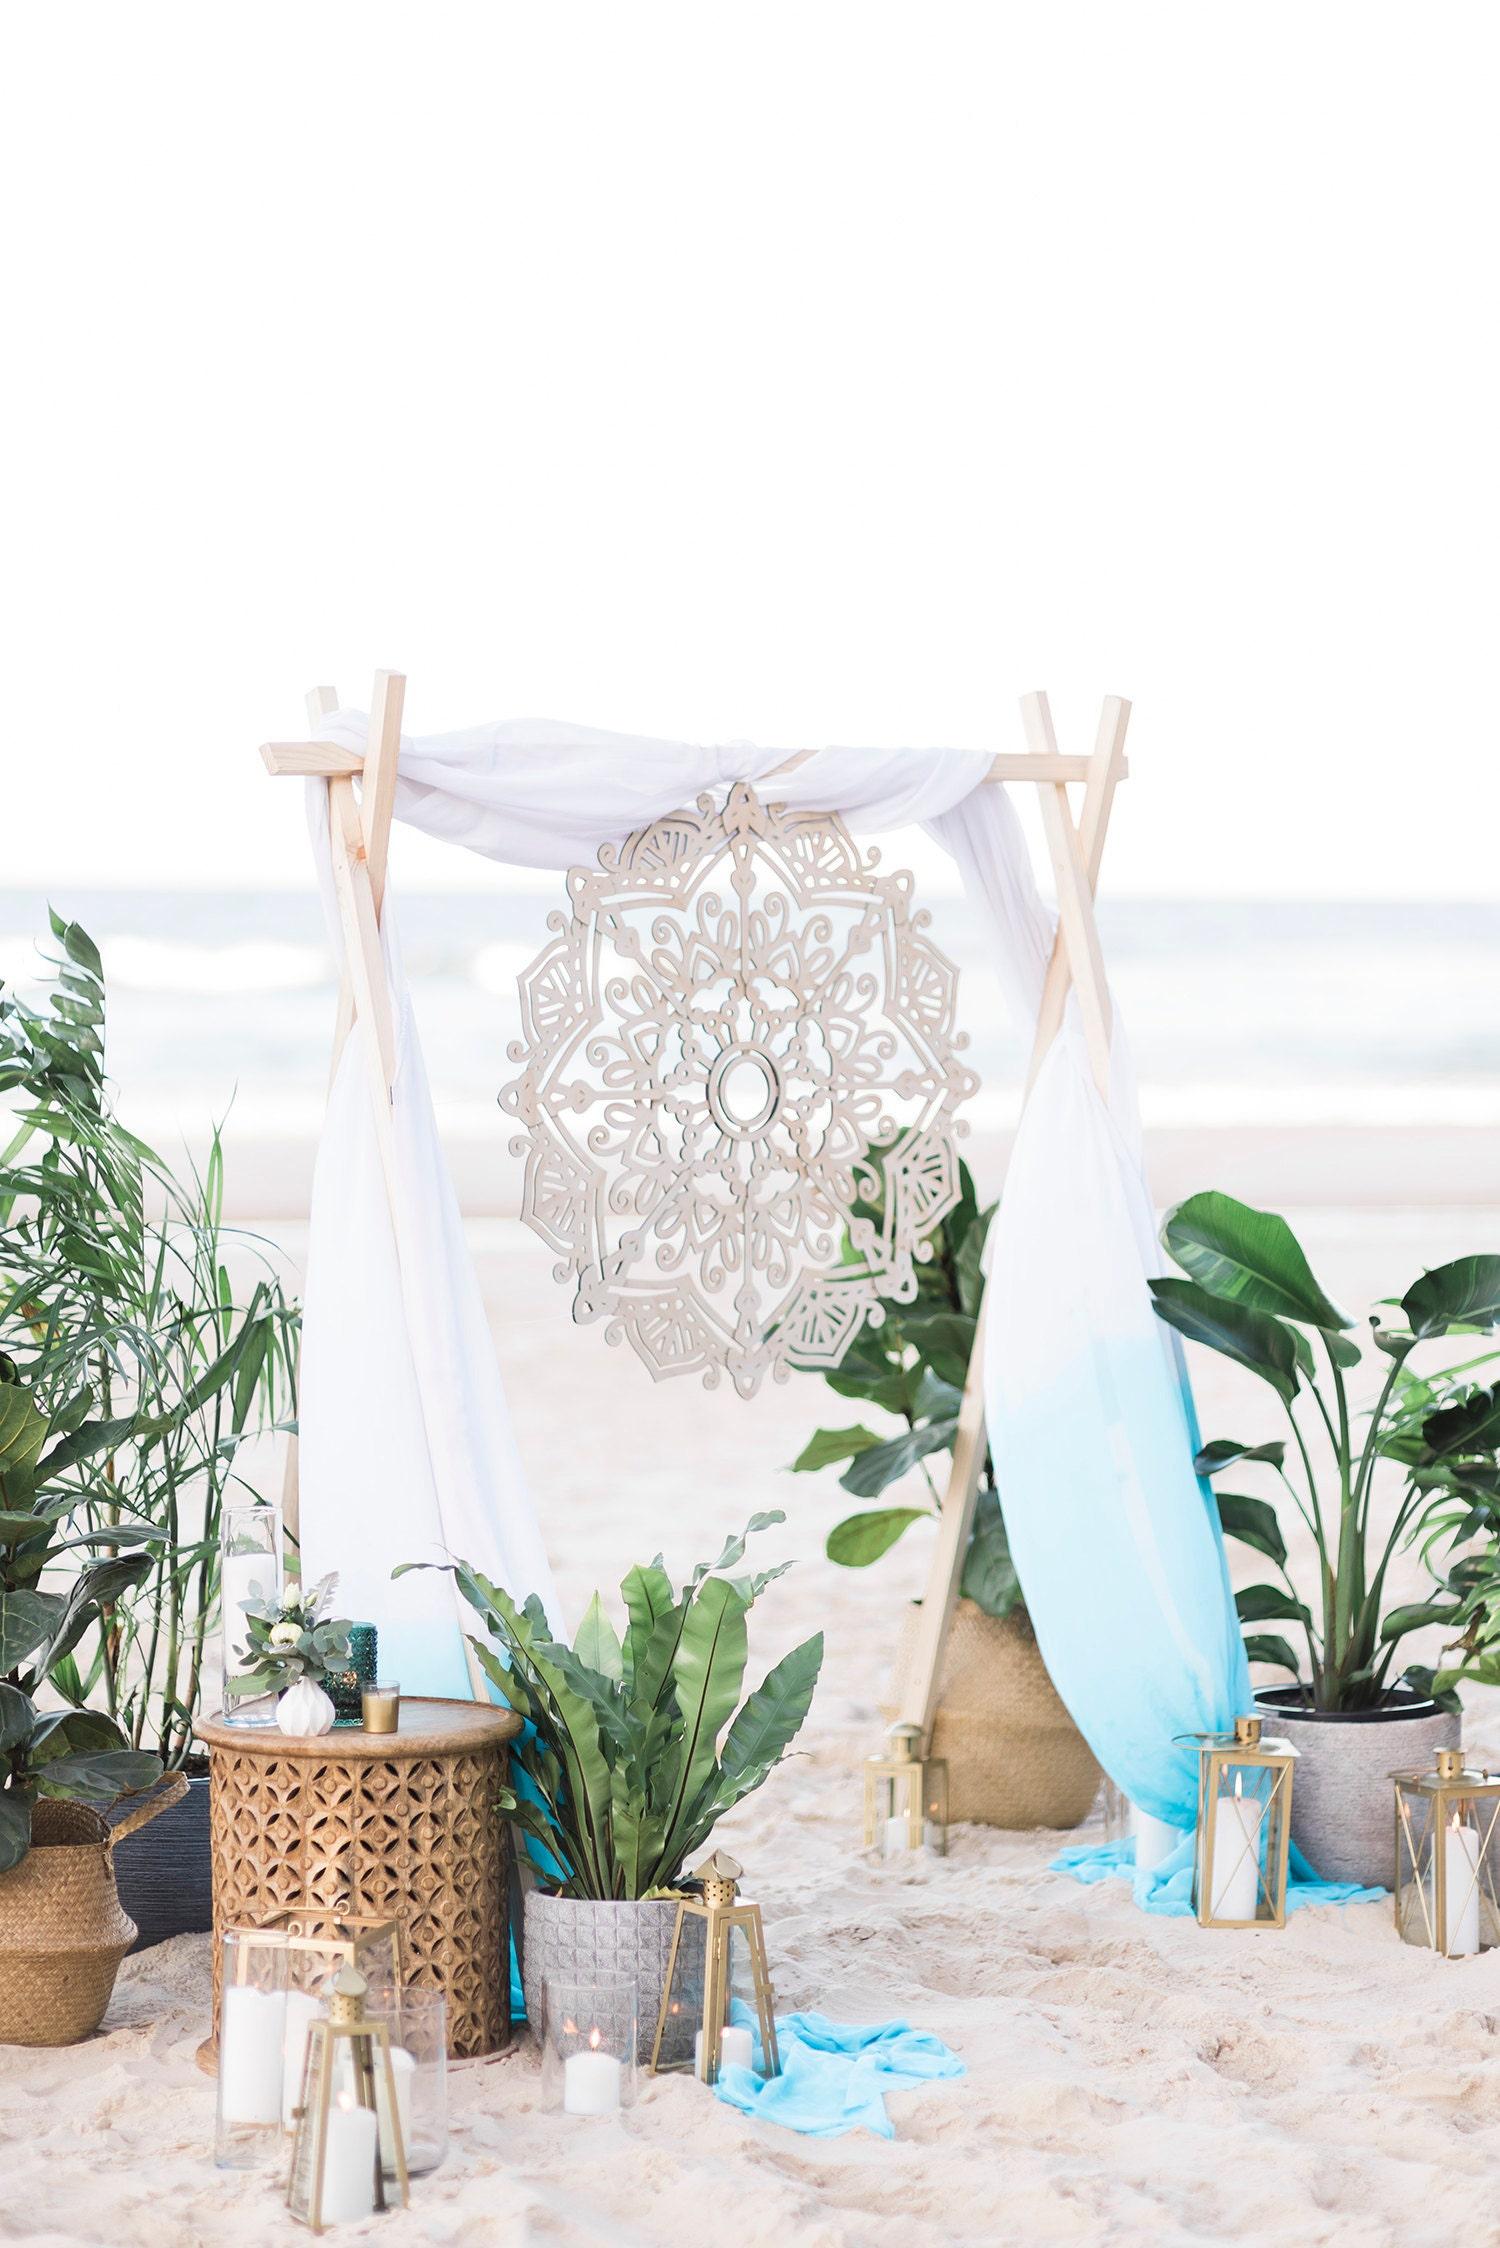 Mandala Wedding signage/decoration